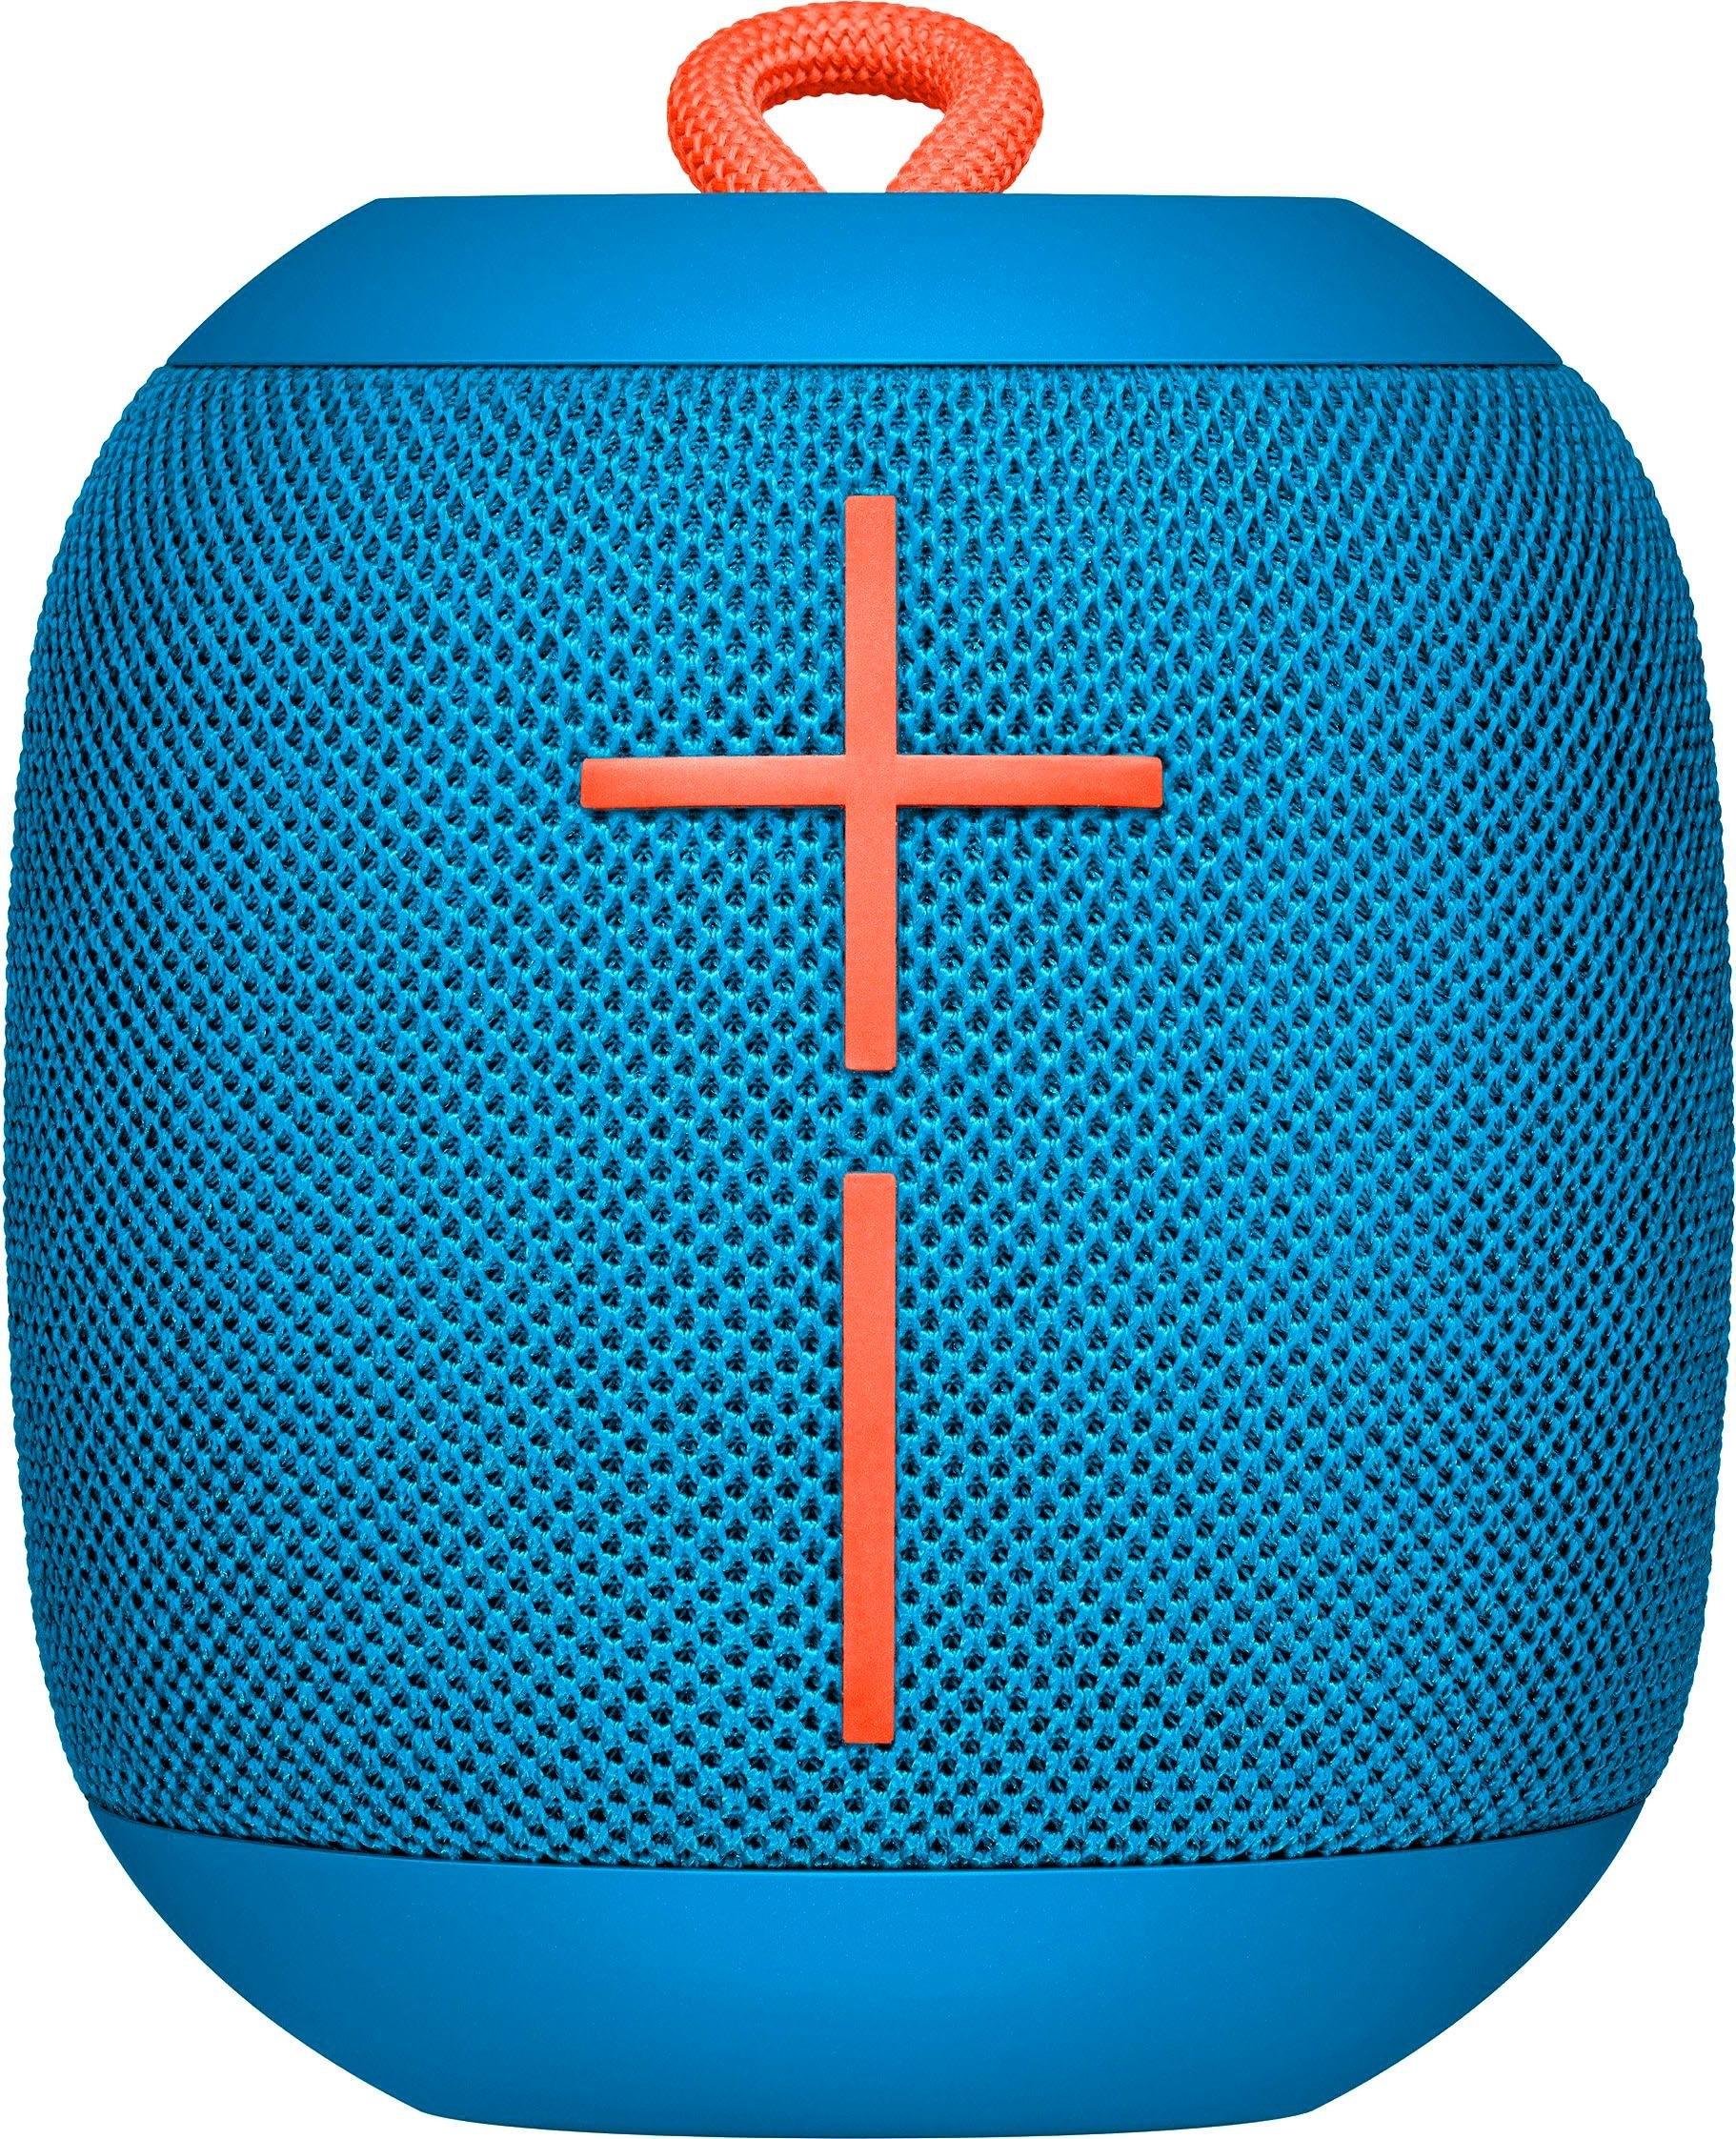 Ue Ultimate Ears »WONDERBOOM« mono losse luidspreker (bluetooth) - gratis ruilen op otto.nl